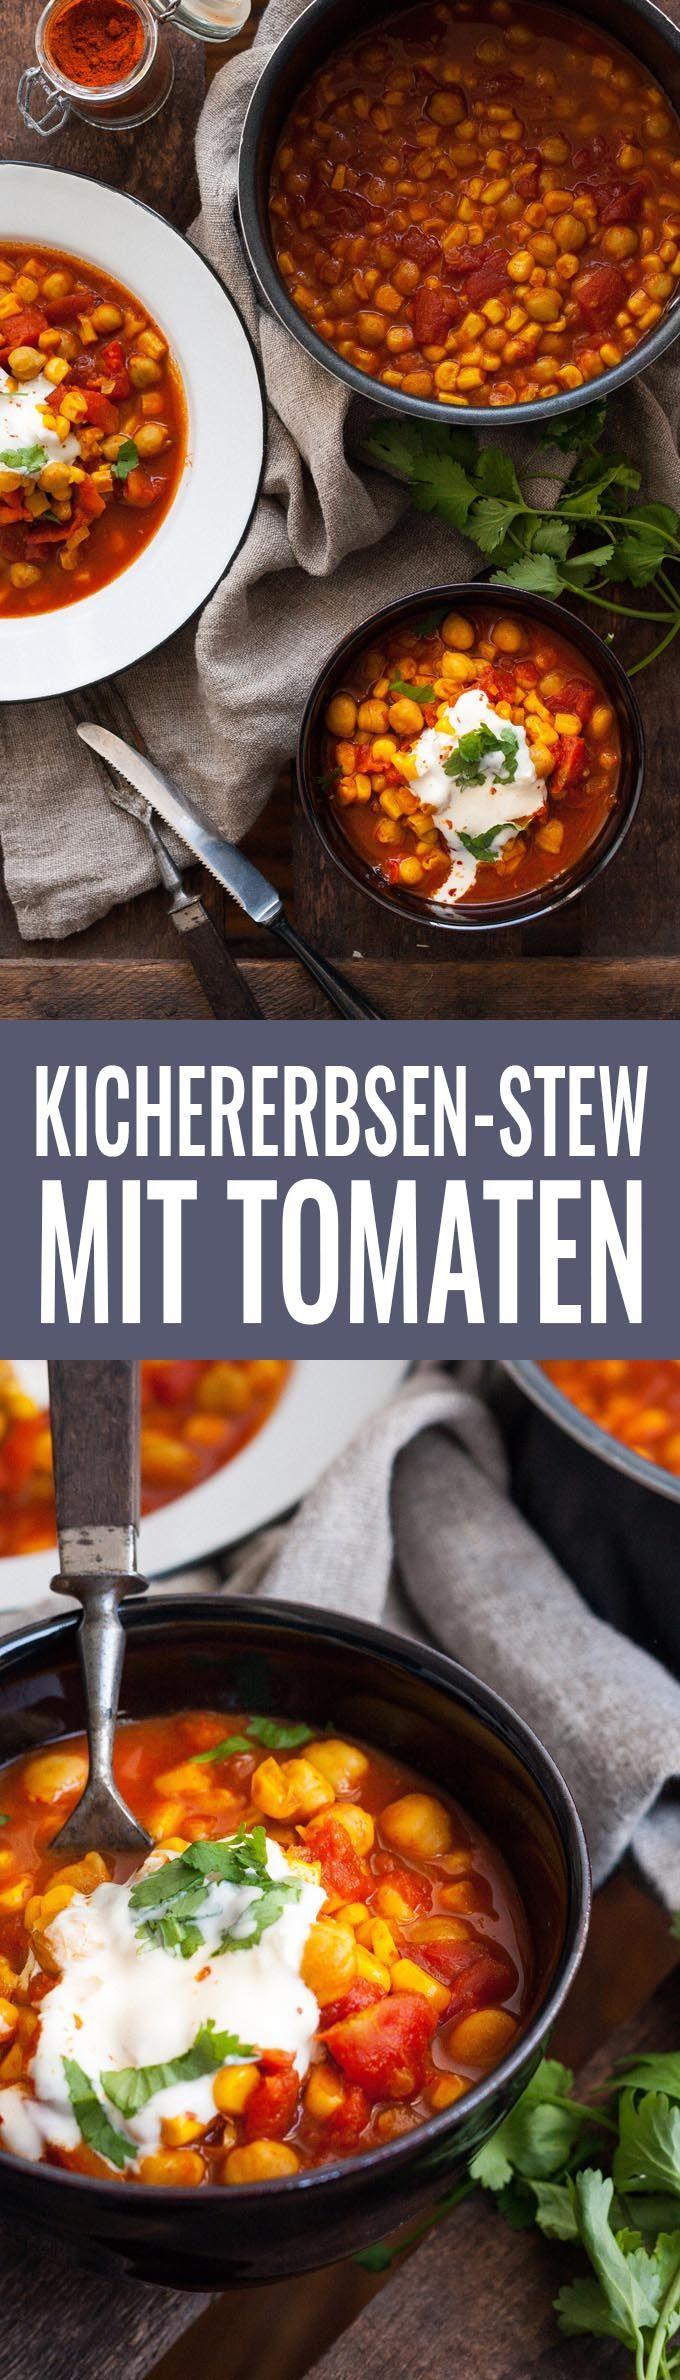 Kichererbsen-Stew mit Tomaten und Mais - http://Kochkarussell.com